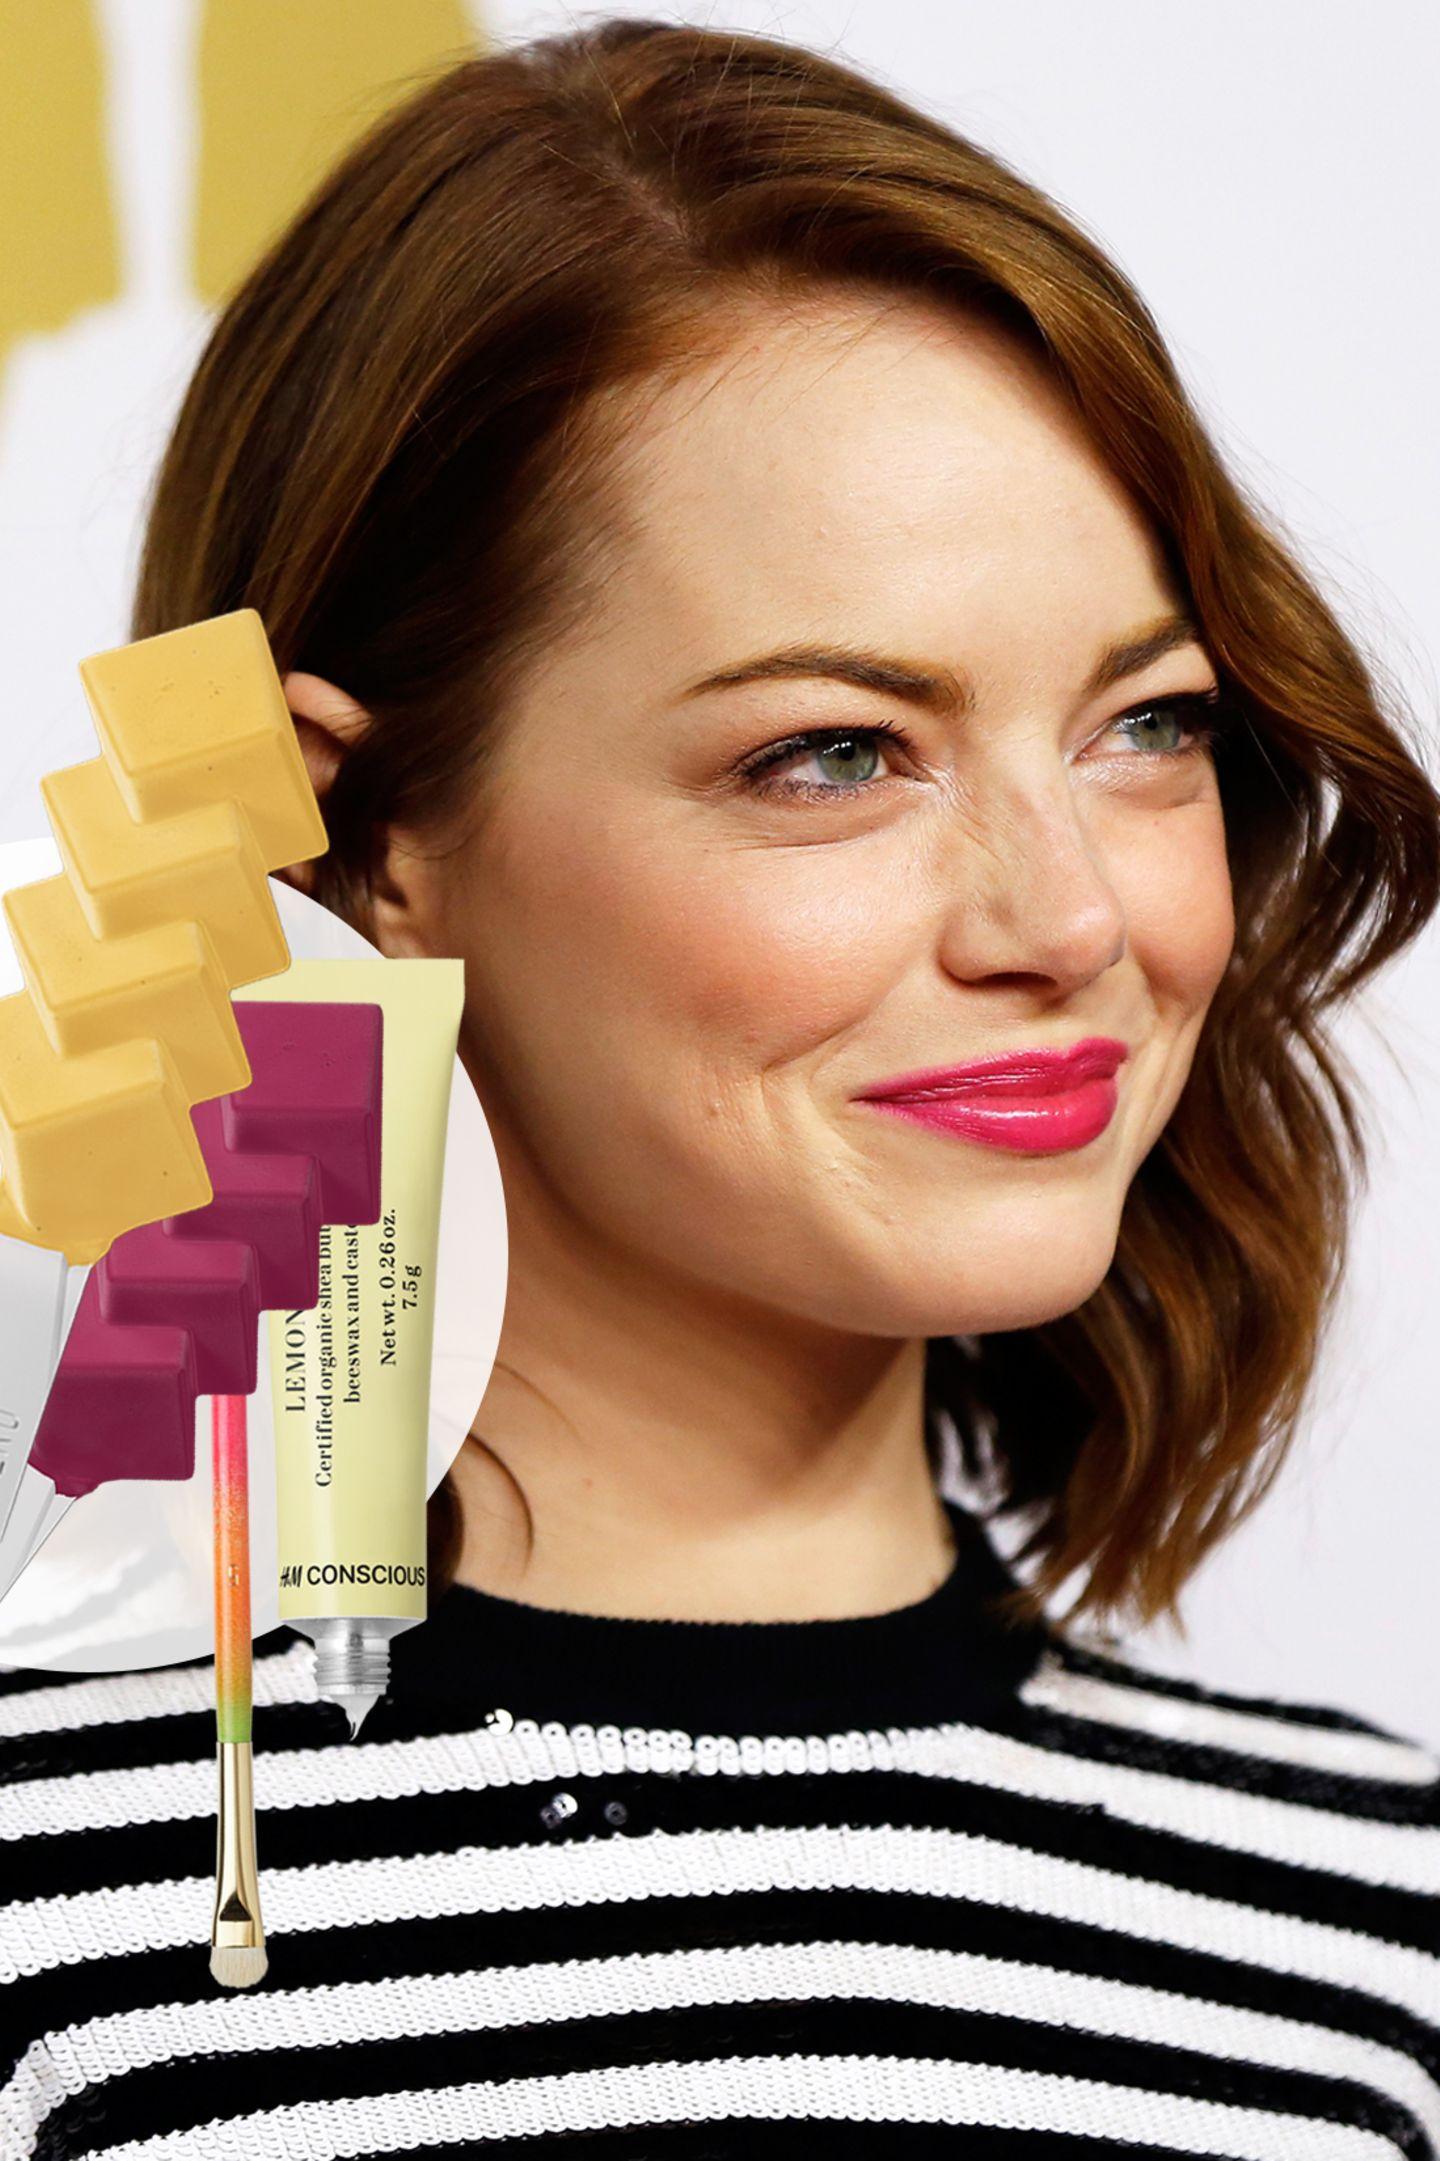 Make-up-Texturen, die mit der Haut verschmelzen – und noch mehr heiße Extras